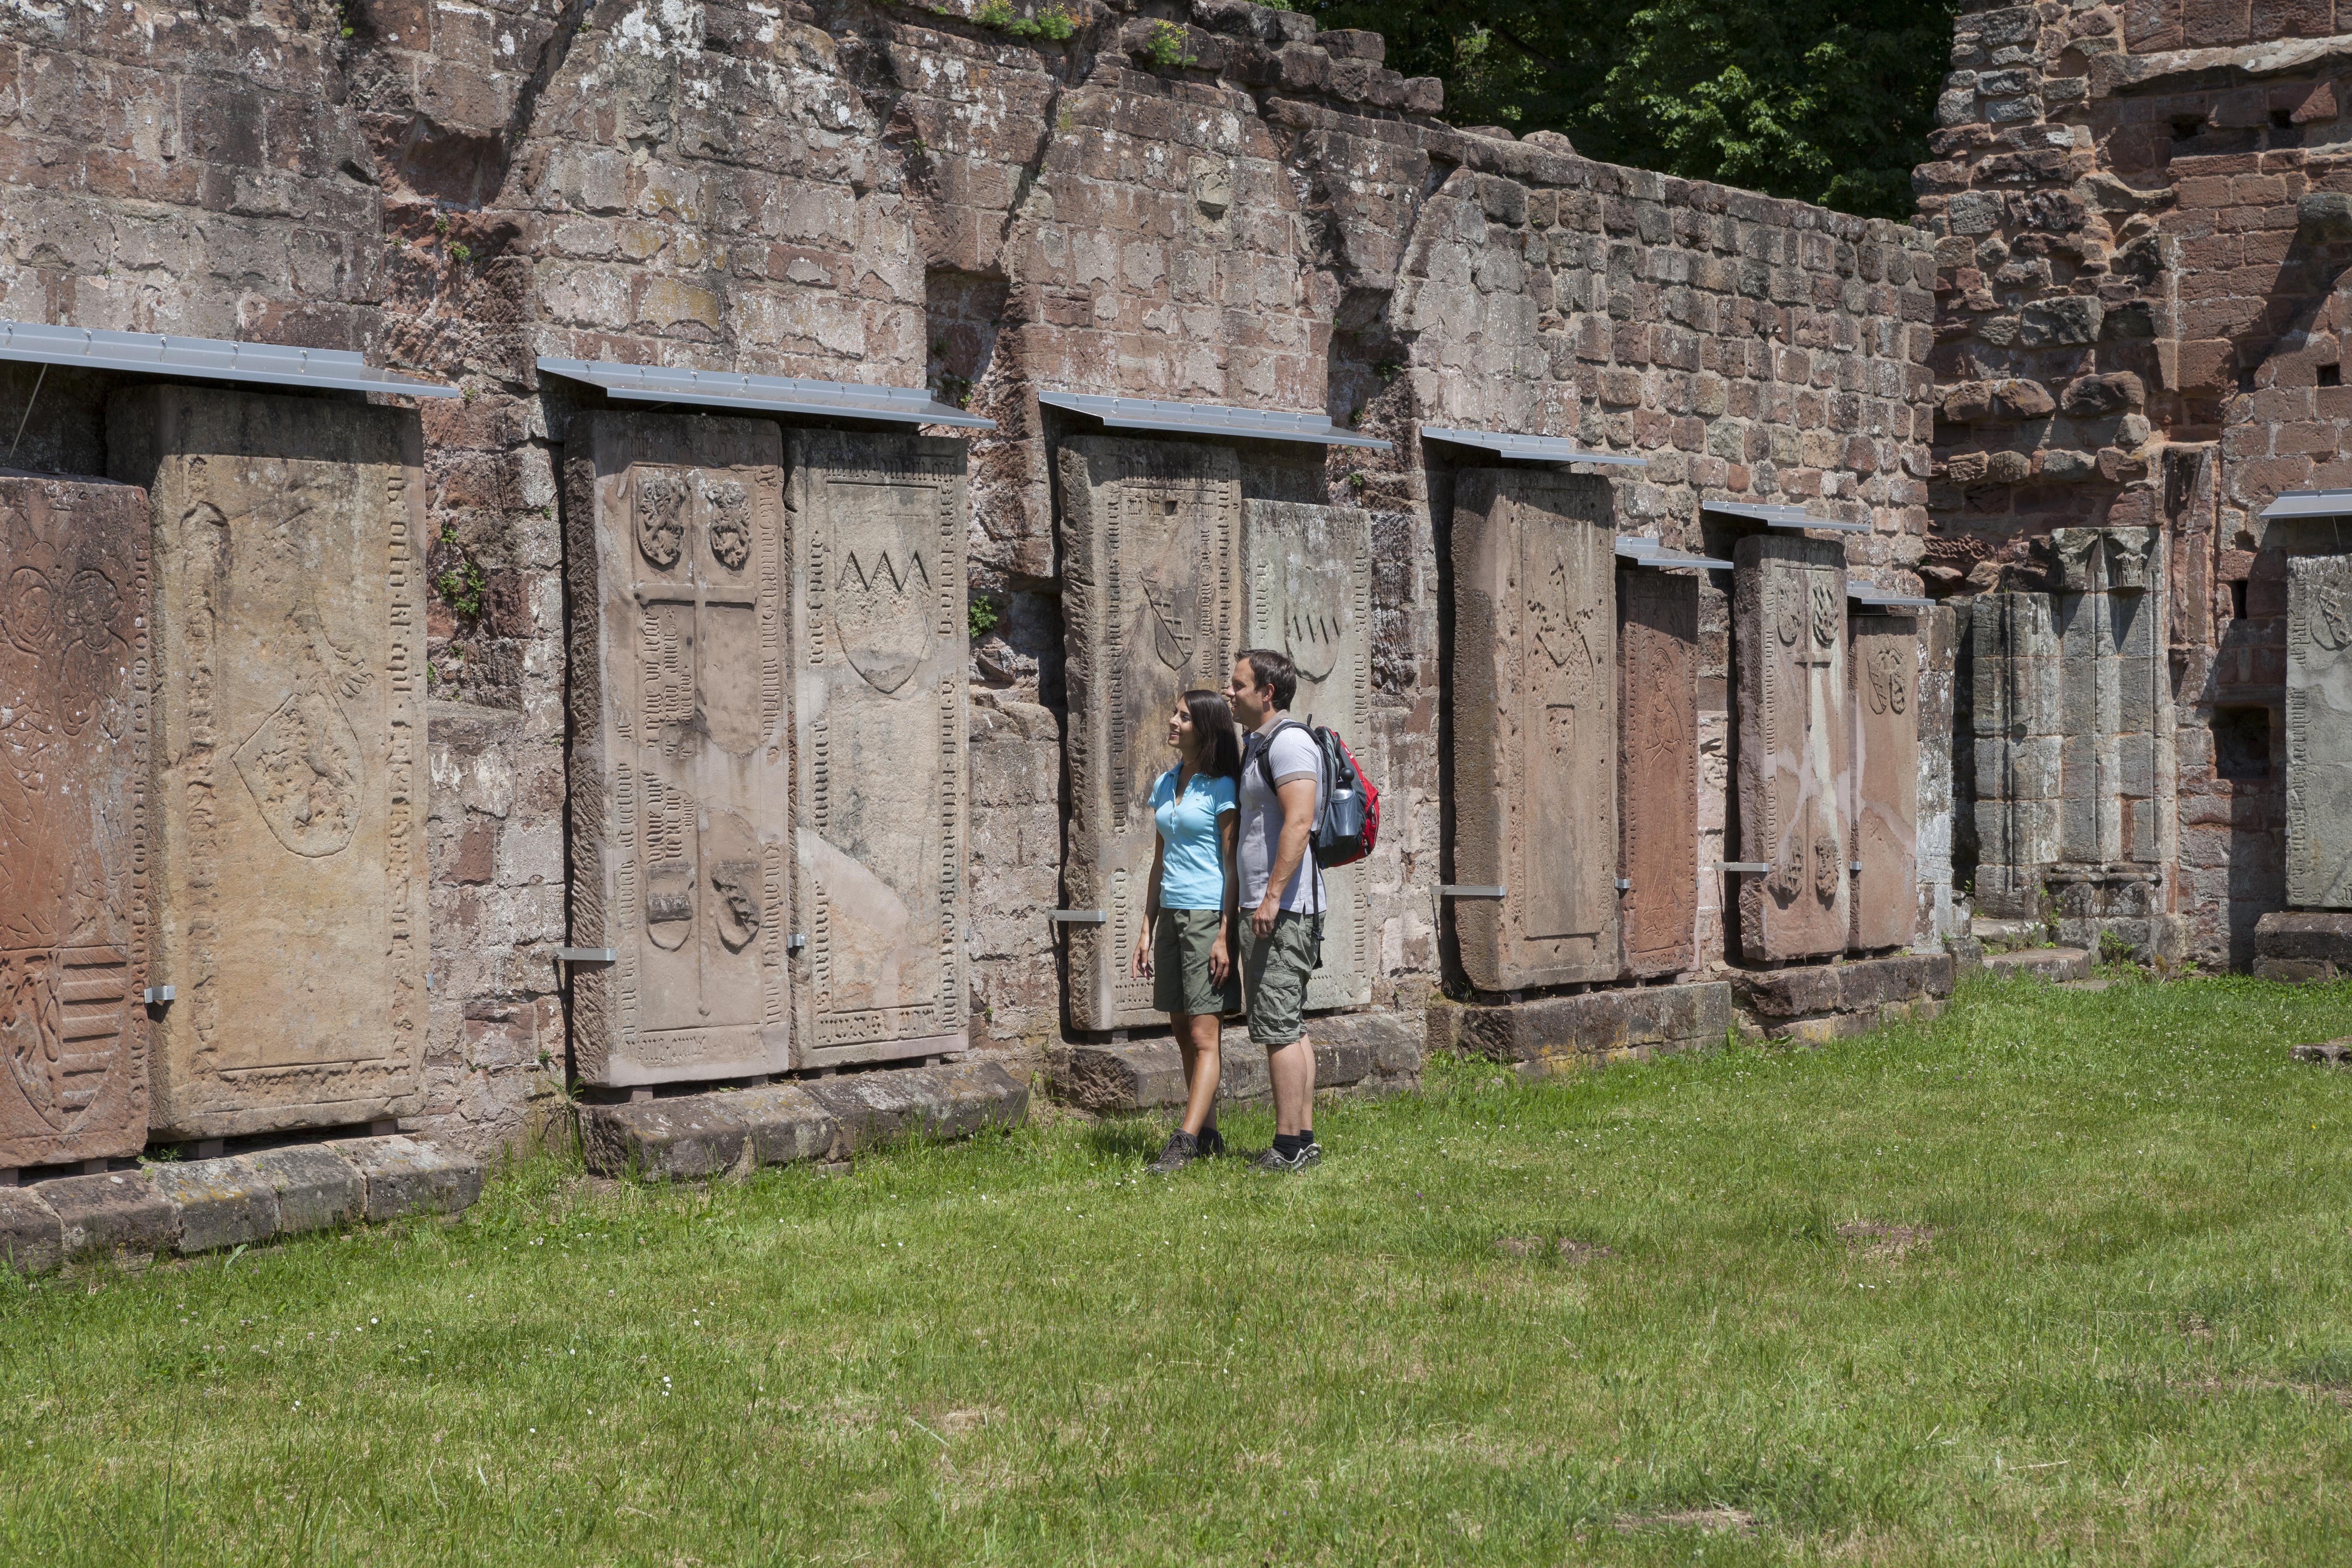 Führung an Klosterruine in Wörschweiler